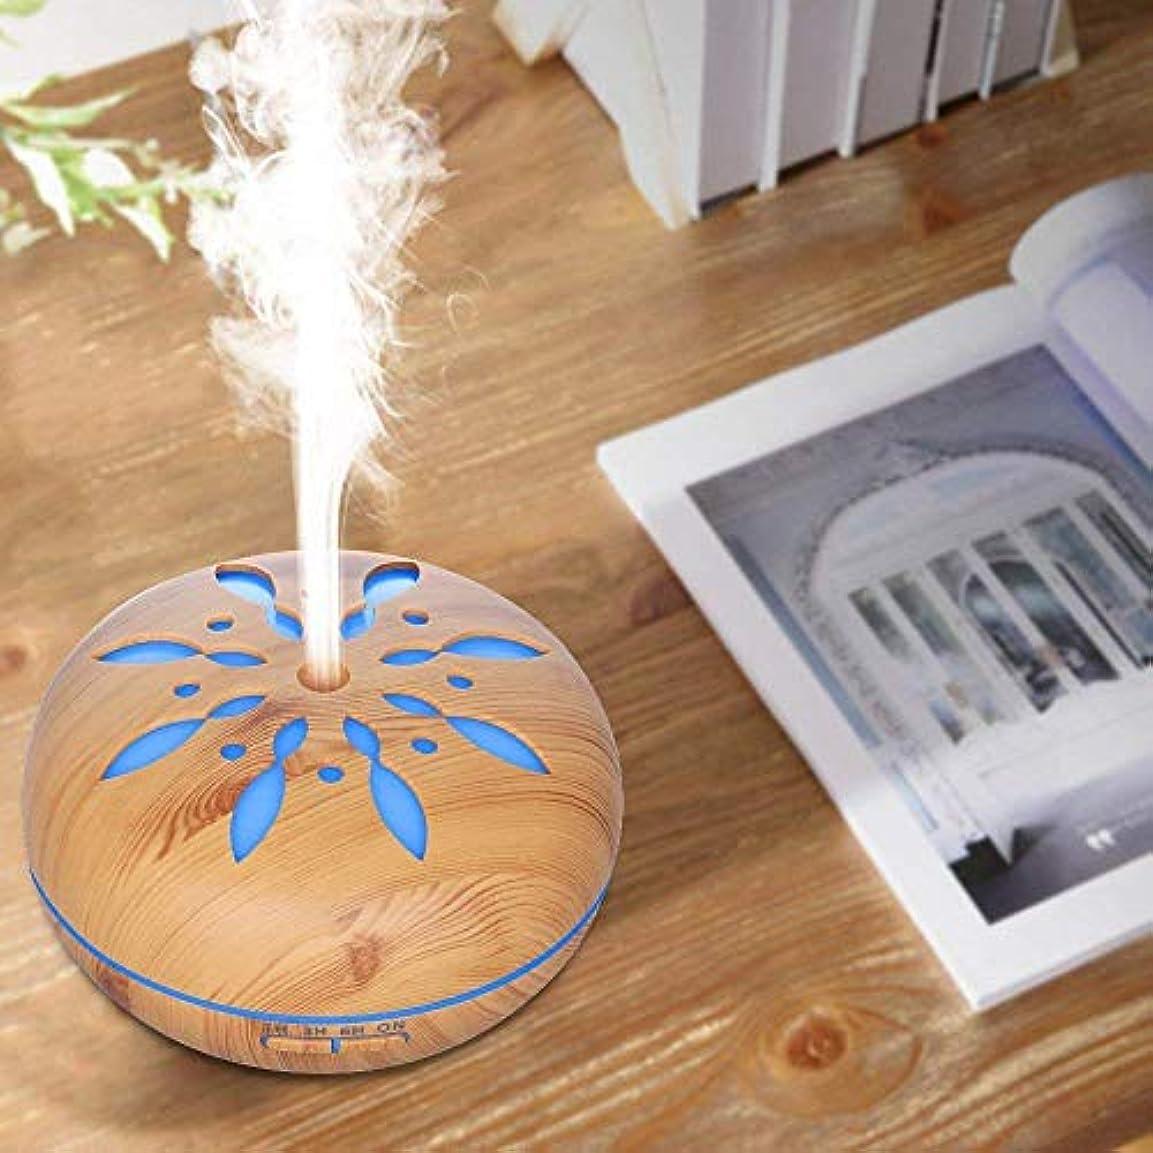 追い払う高尚なピザエッセンシャルオイルディフューザー、オフィス/ホーム/ベッドルーム/赤ちゃん/ヨガ/ SPAルーム7の550 ML加湿器電気クールミストアロマセラピーLEDライトの変更ホーム装飾